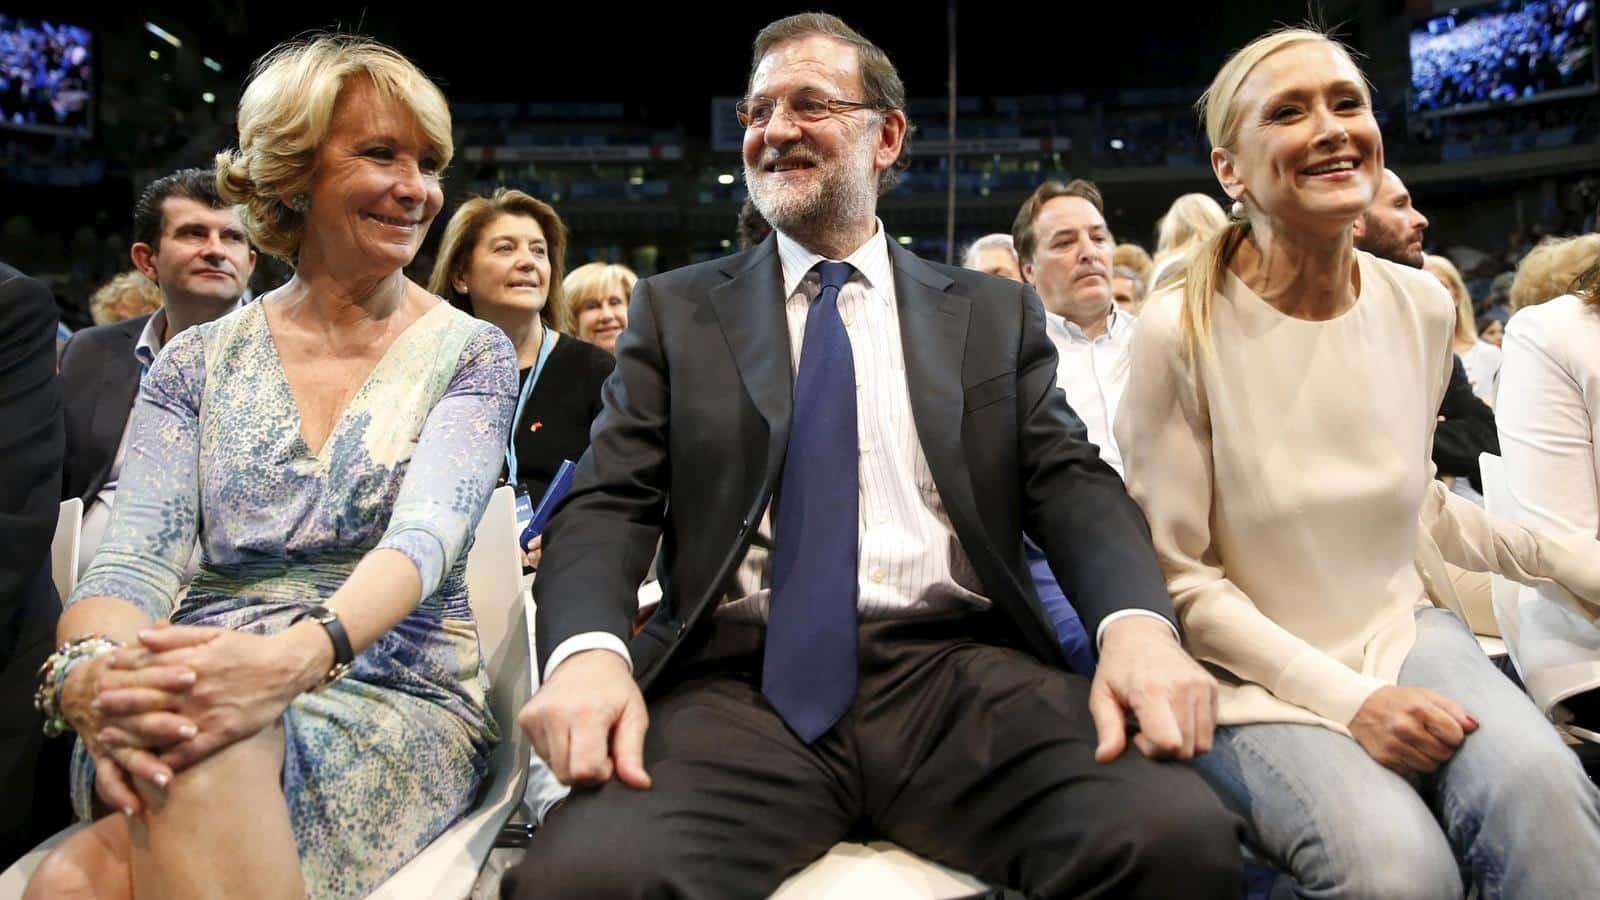 f07d5047bdfa0c2580b3276fb0b042f4 - Las rentas altas salen ganando con la rebaja fiscal del Gobierno de Mariano Rajoy